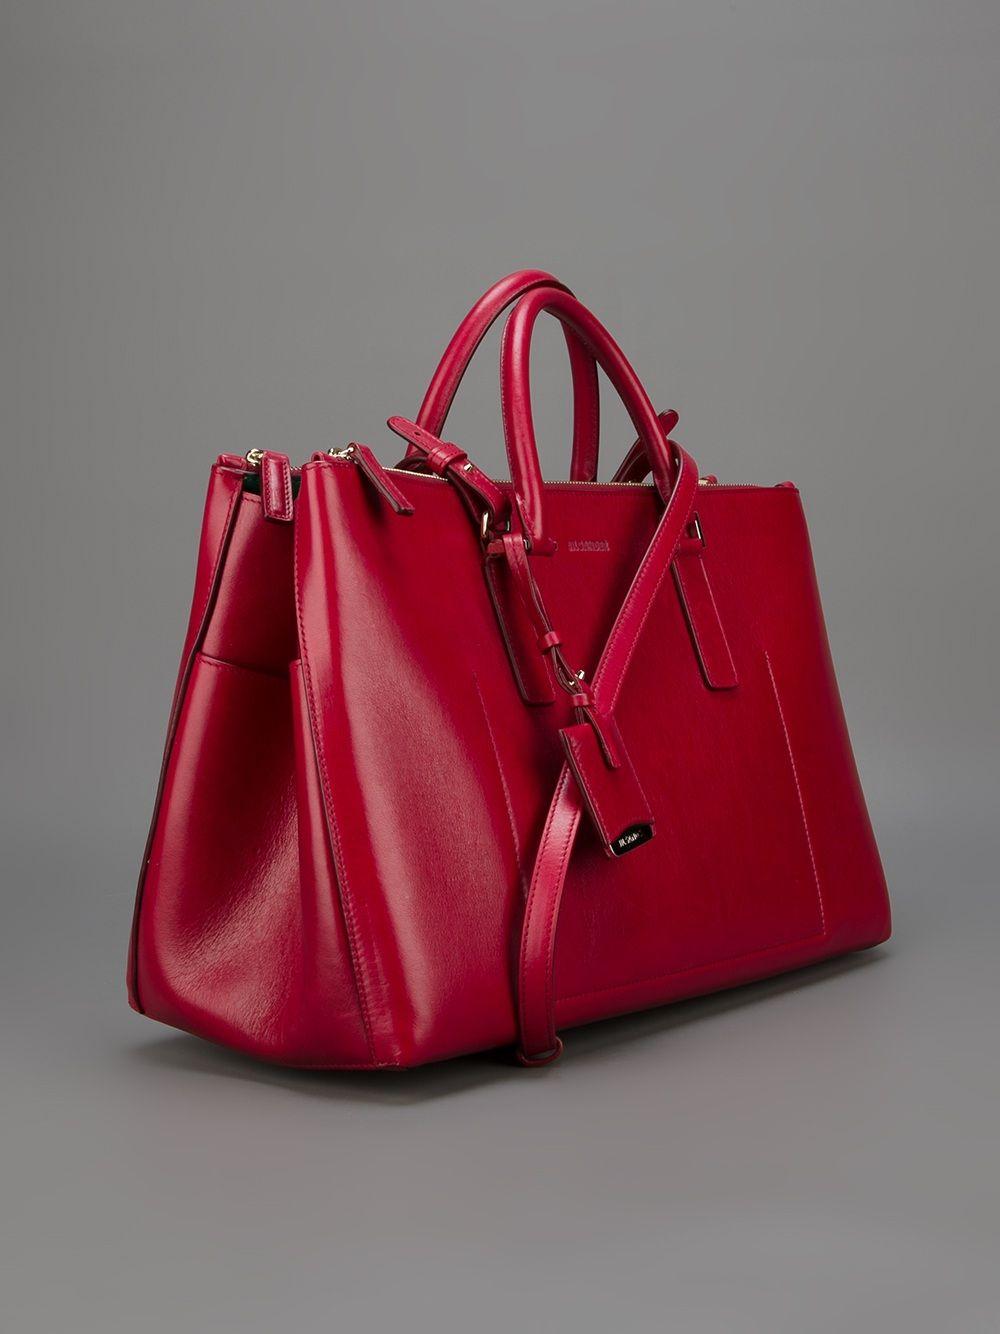 Jil Sander Tote Gente Roma Beautiful Bags Bags